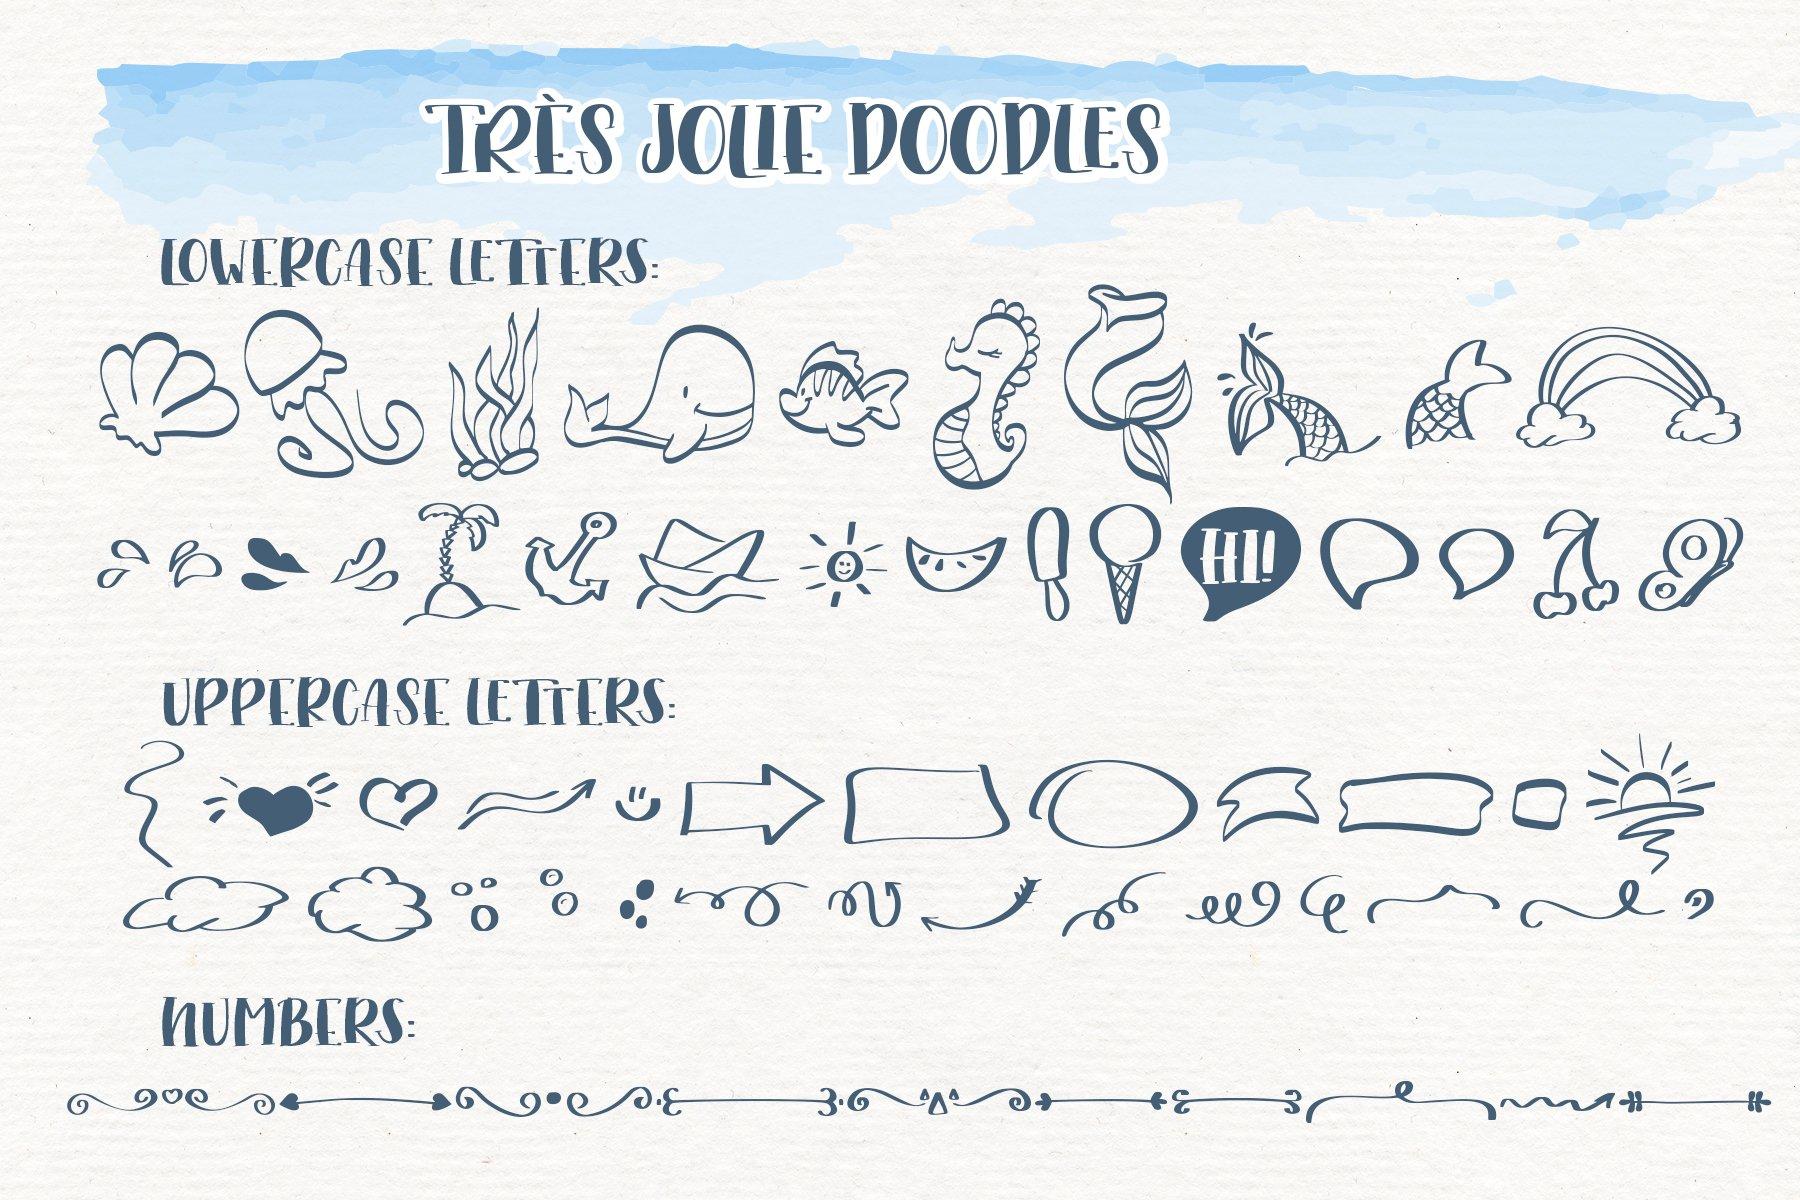 Trés Jolie - Serif Font with Doodles example image 3